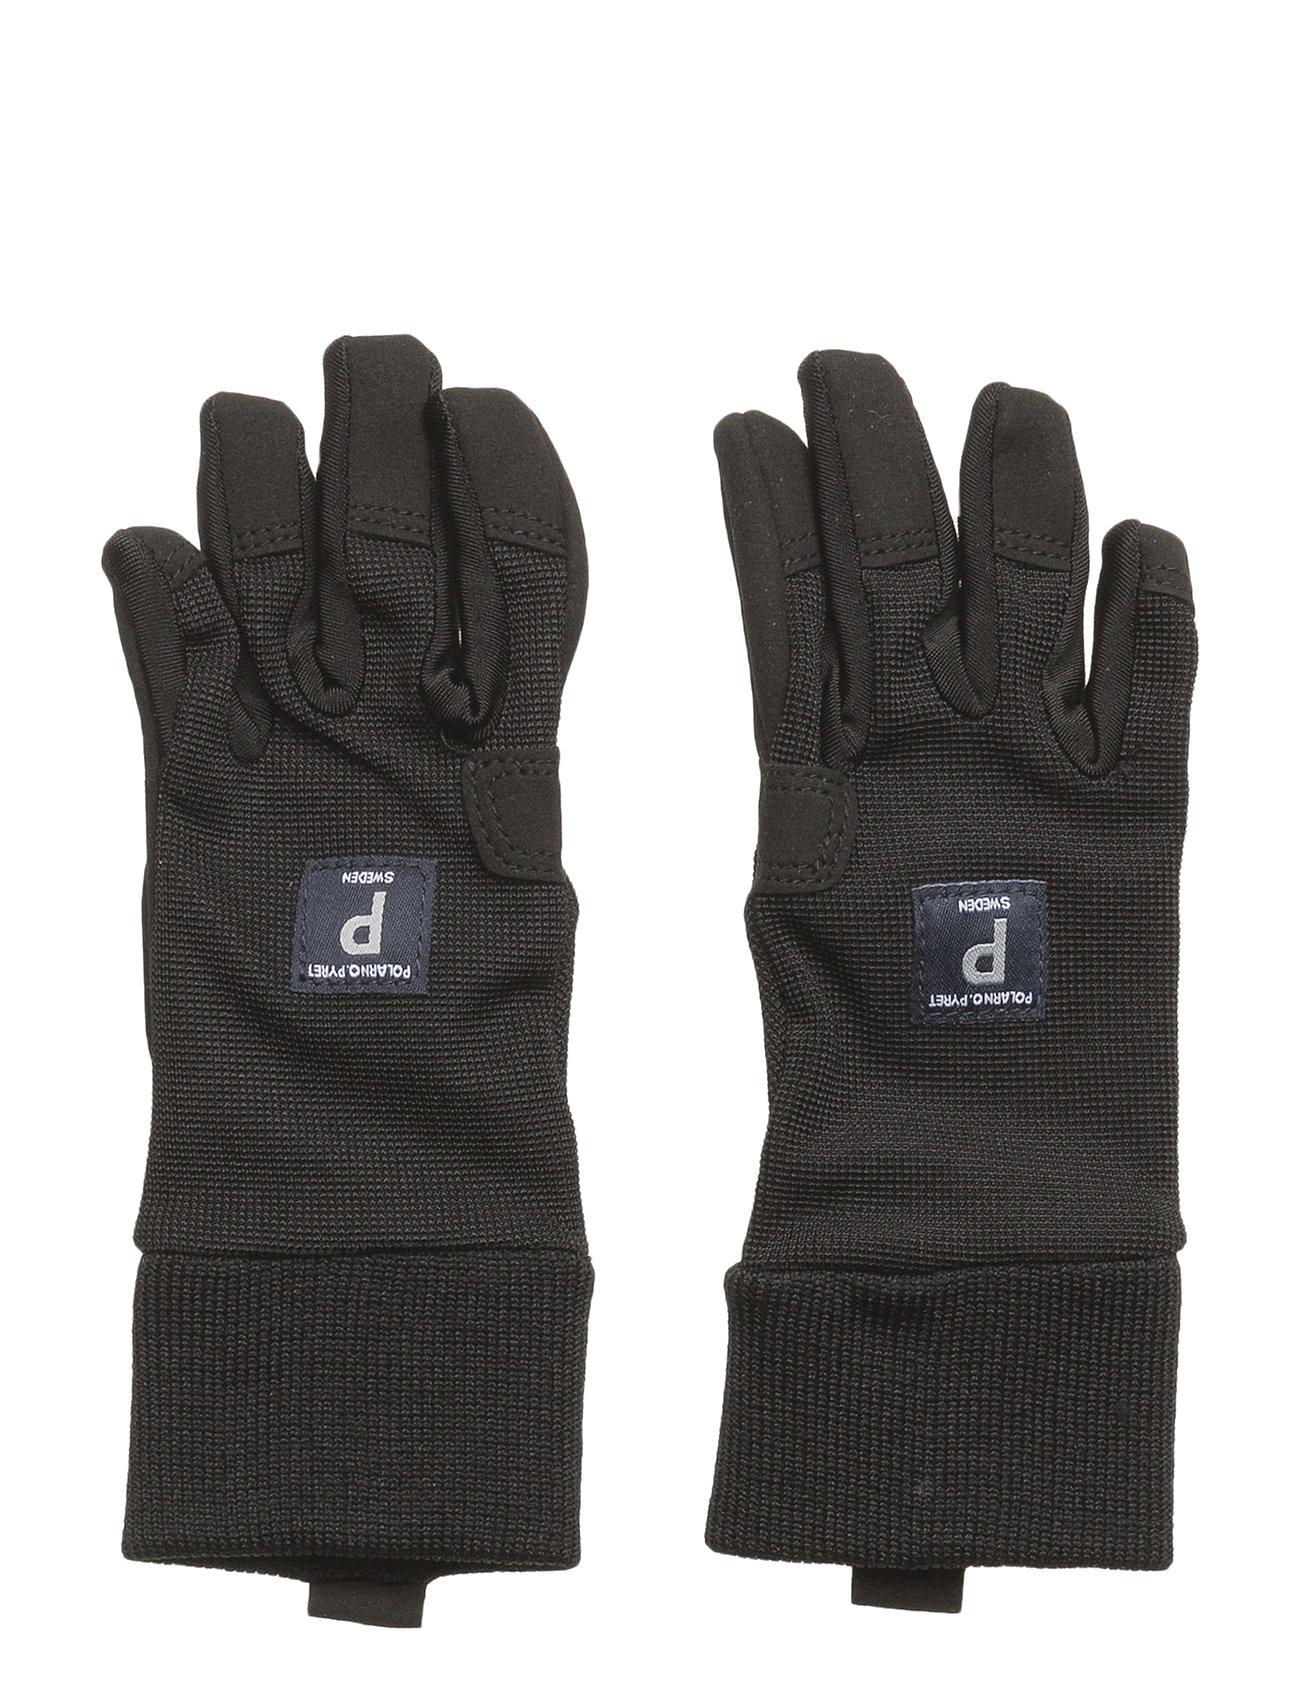 Polarn O. Pyret Gloves